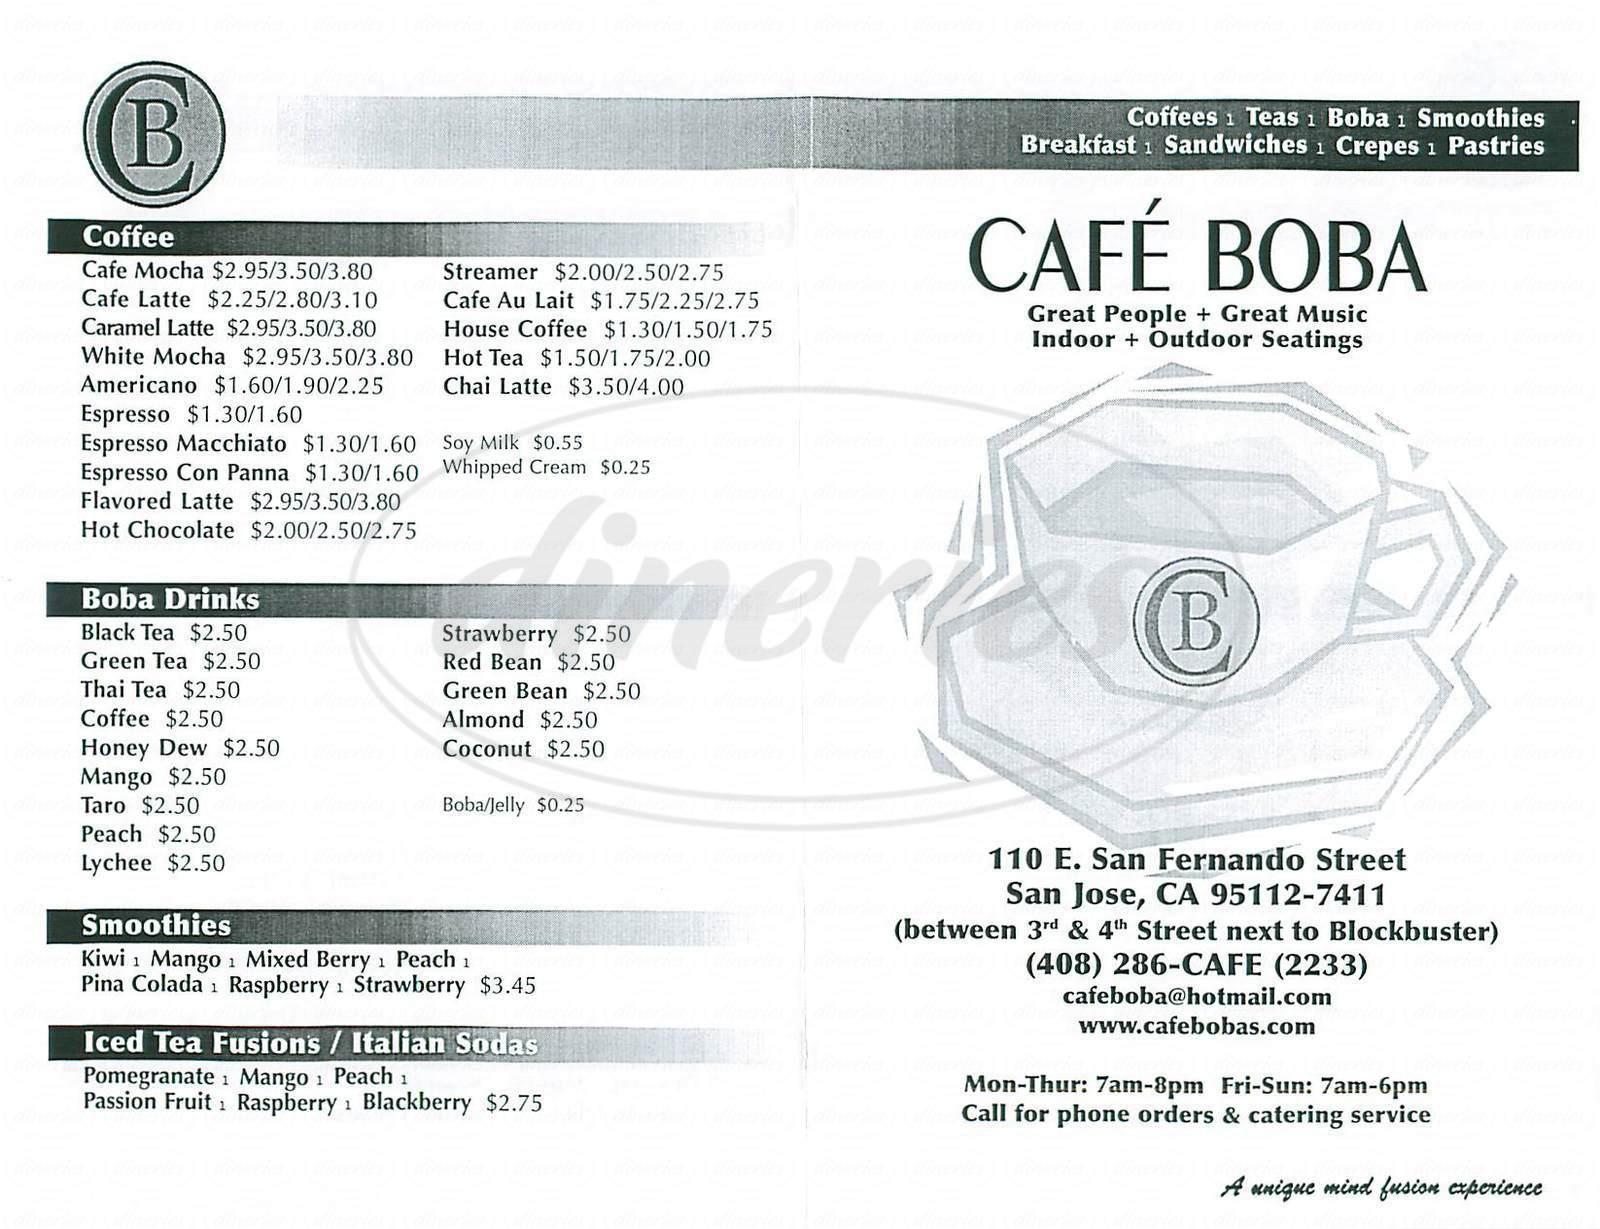 menu for Cafe Boba